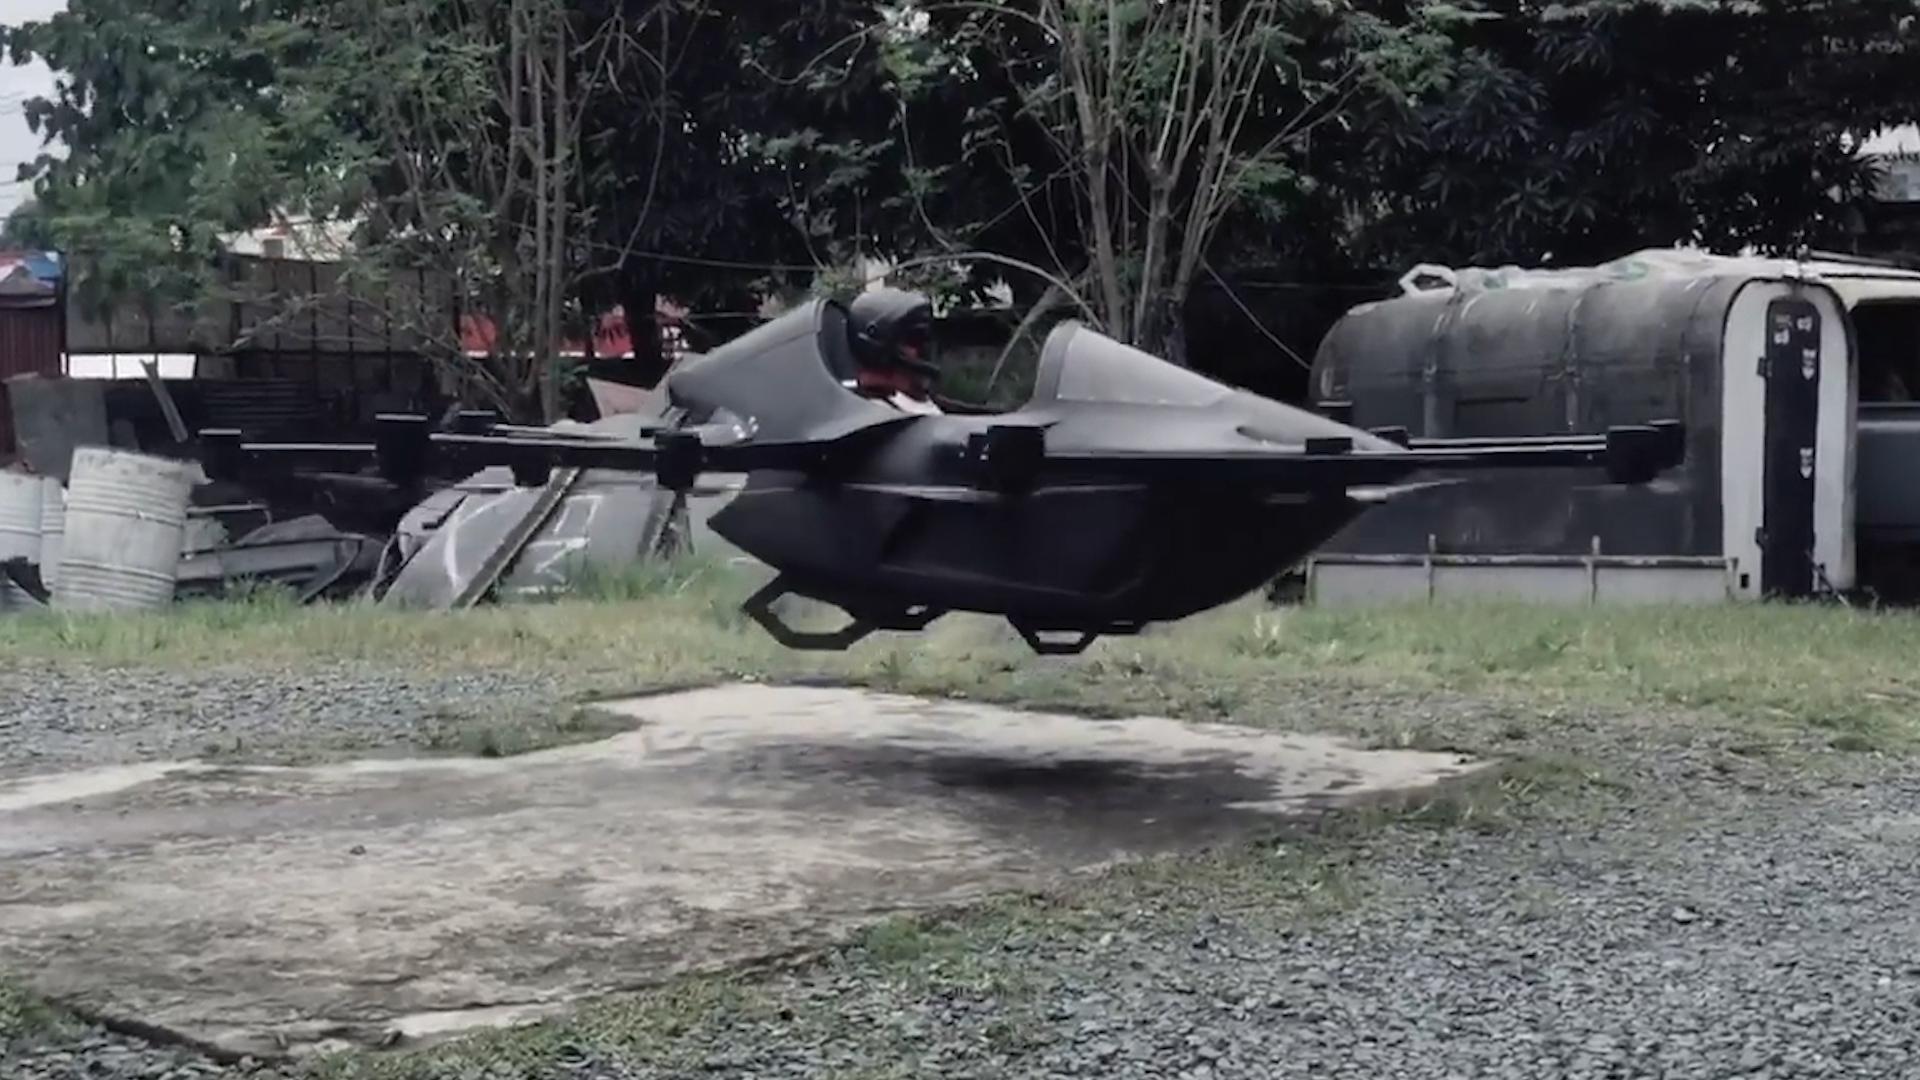 黑龙江农民发明八足载人机器人 就问你敢不敢坐?图片